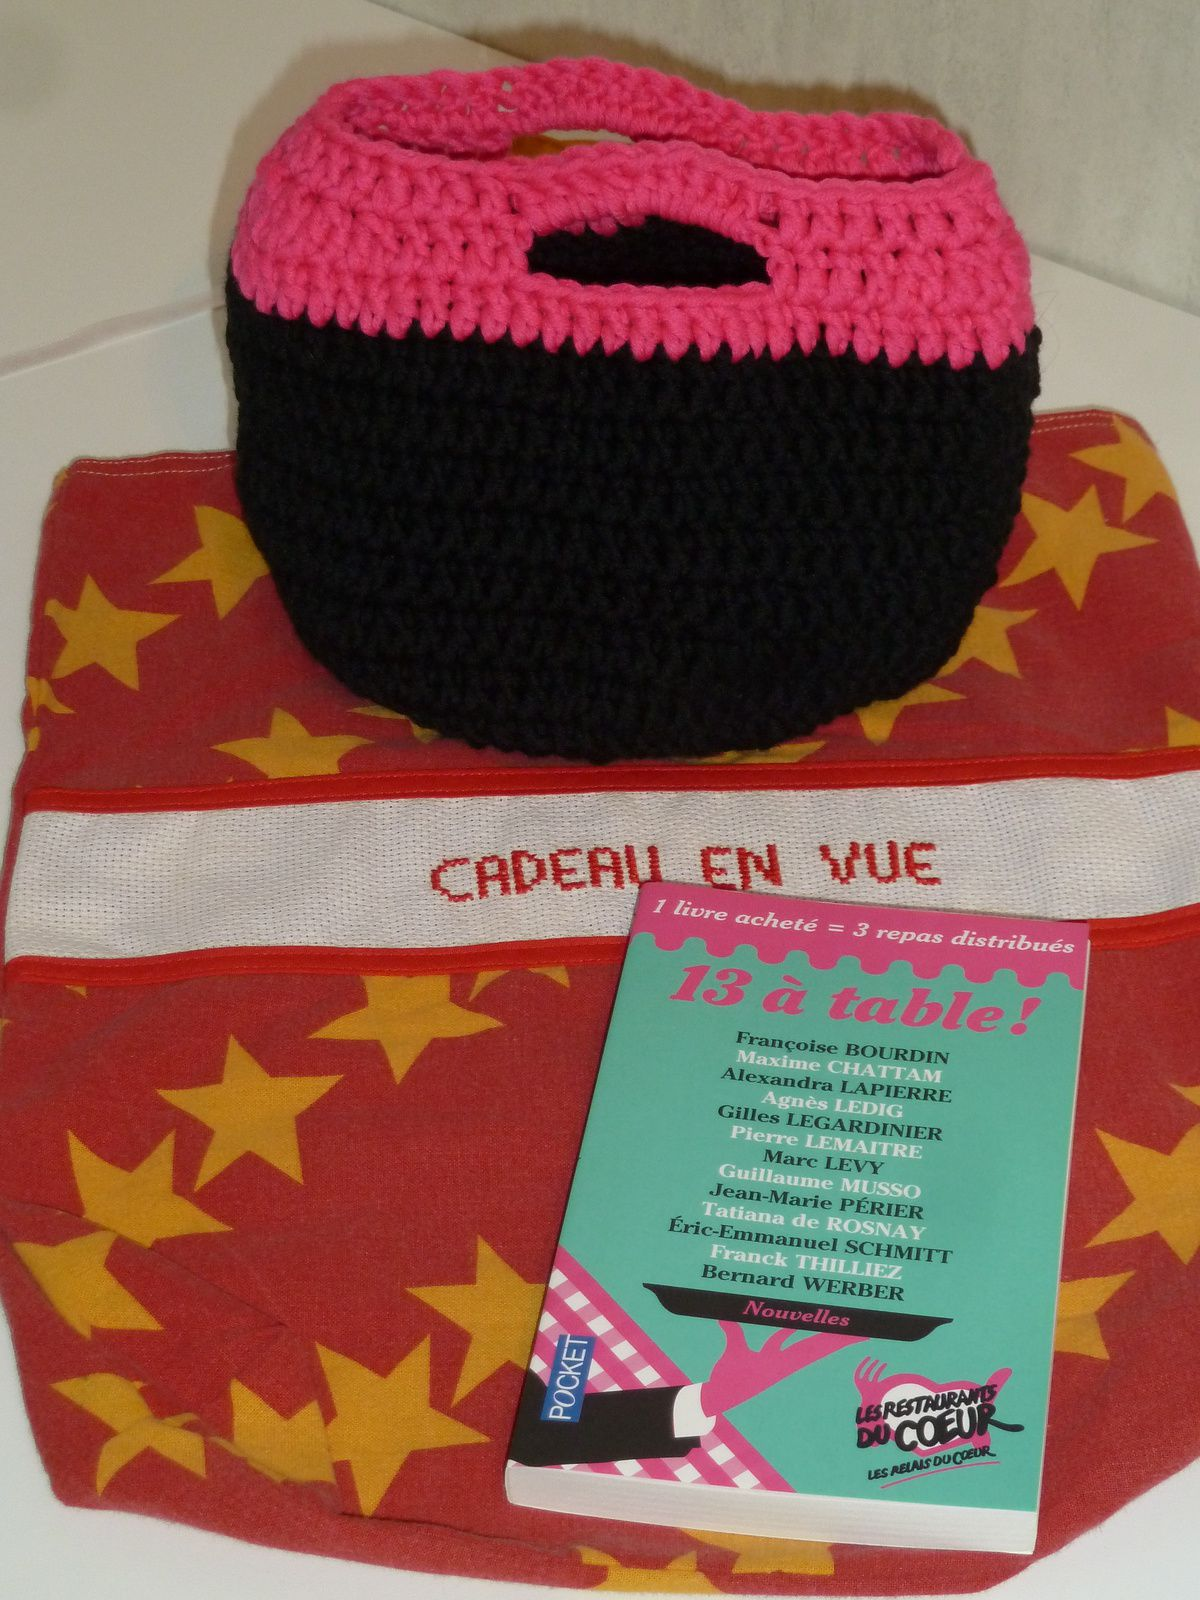 N°82 Cadeau en vue pour Madeleine